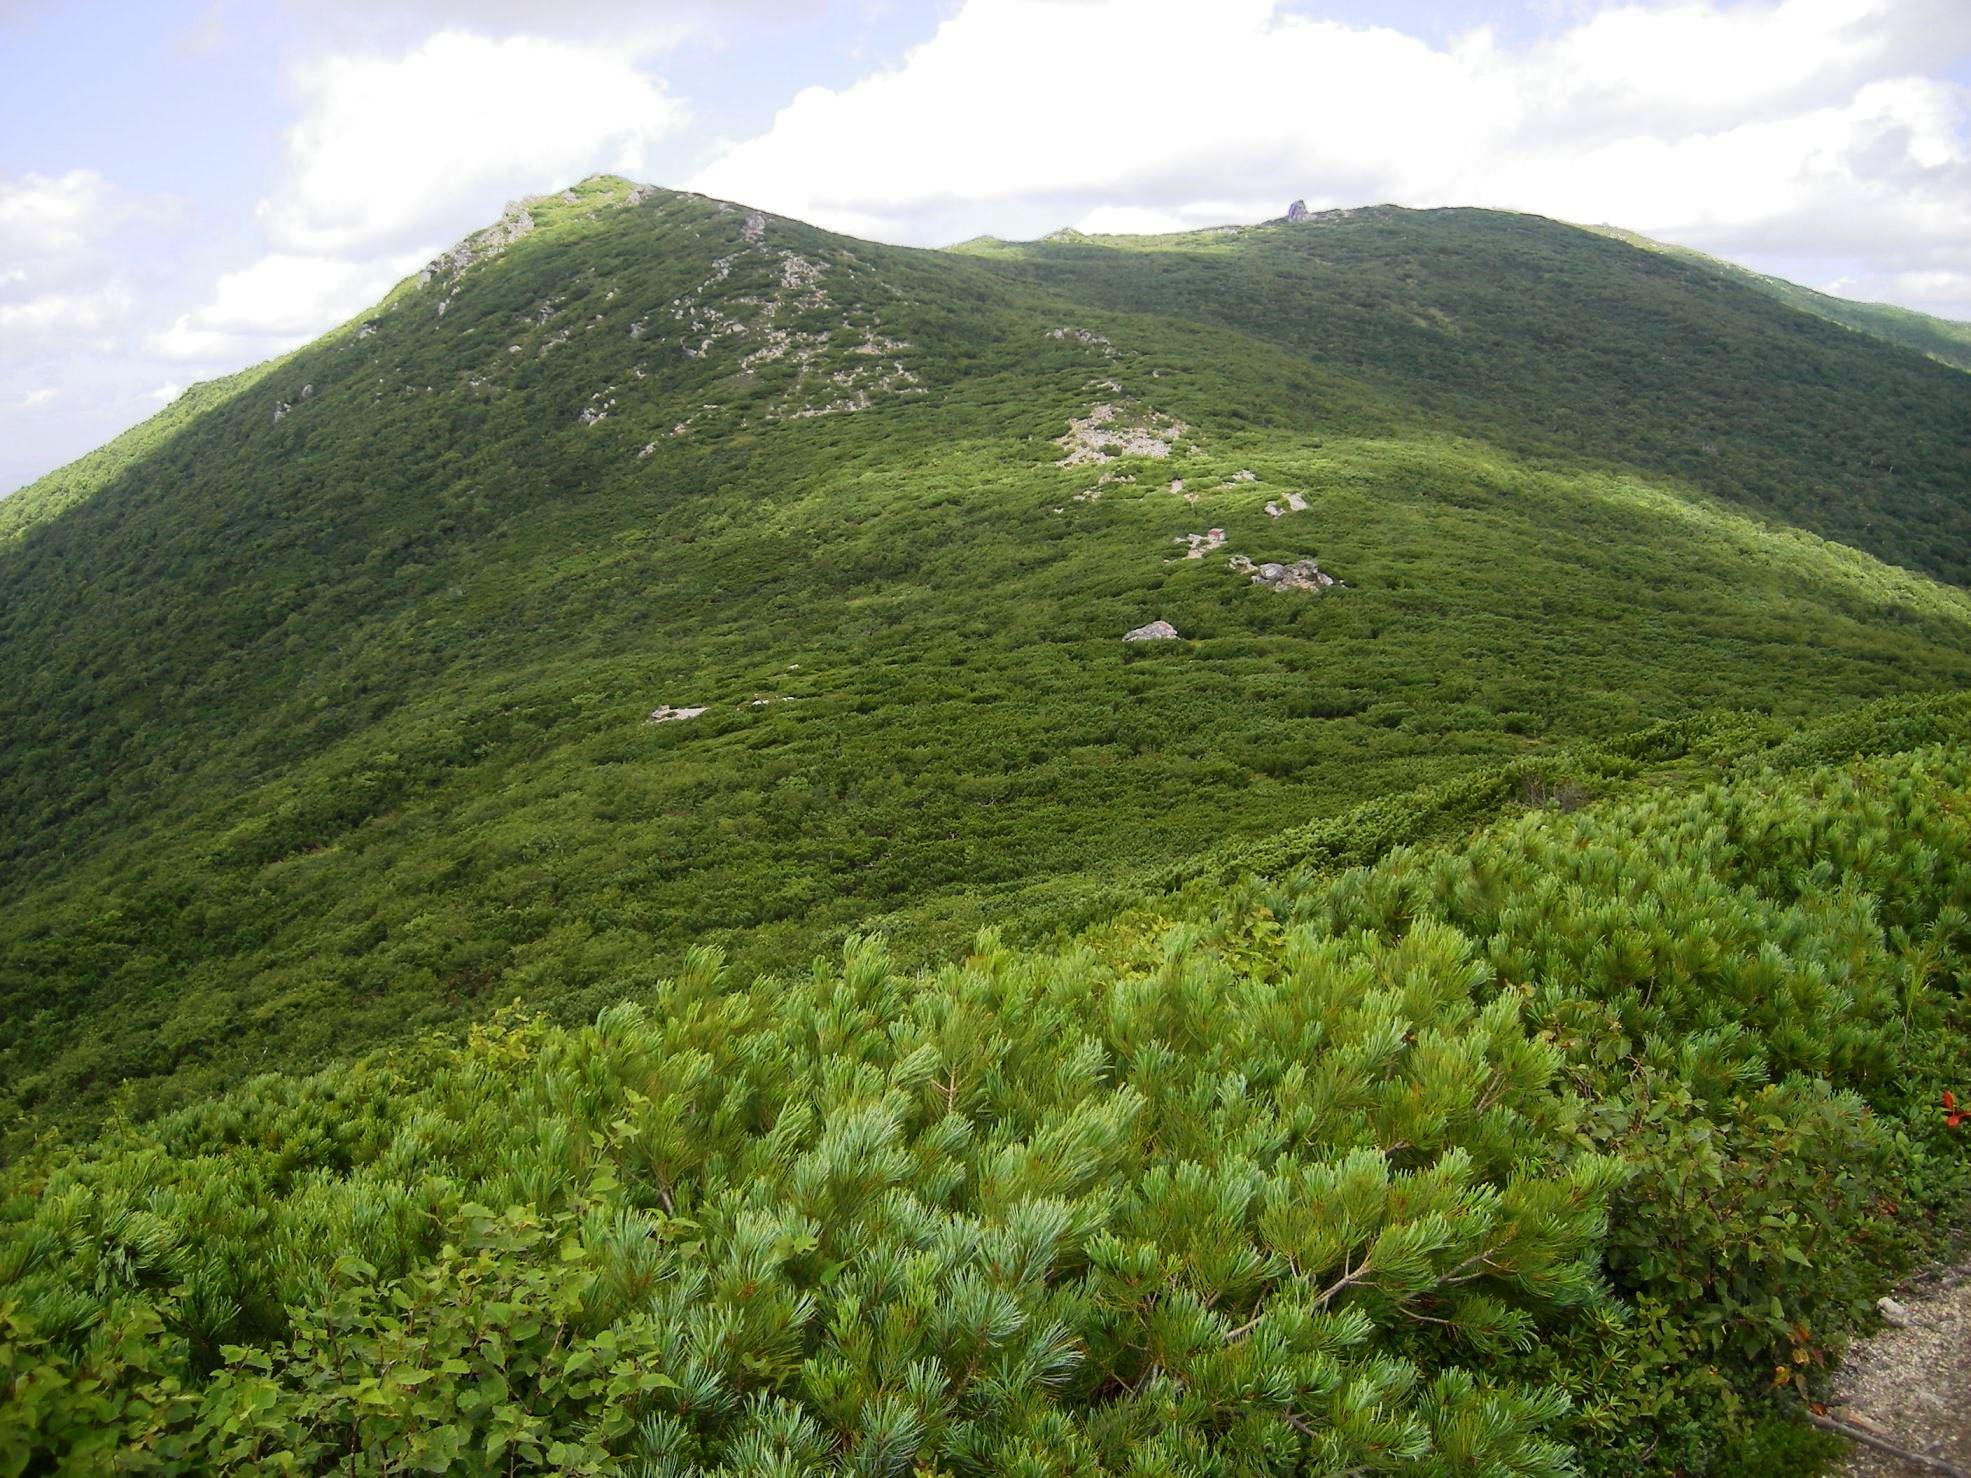 【催行予定・残席僅か】7月4日出発 サハリン南部の名峰チェーホフ山登頂とフラワーハイキング 4日間